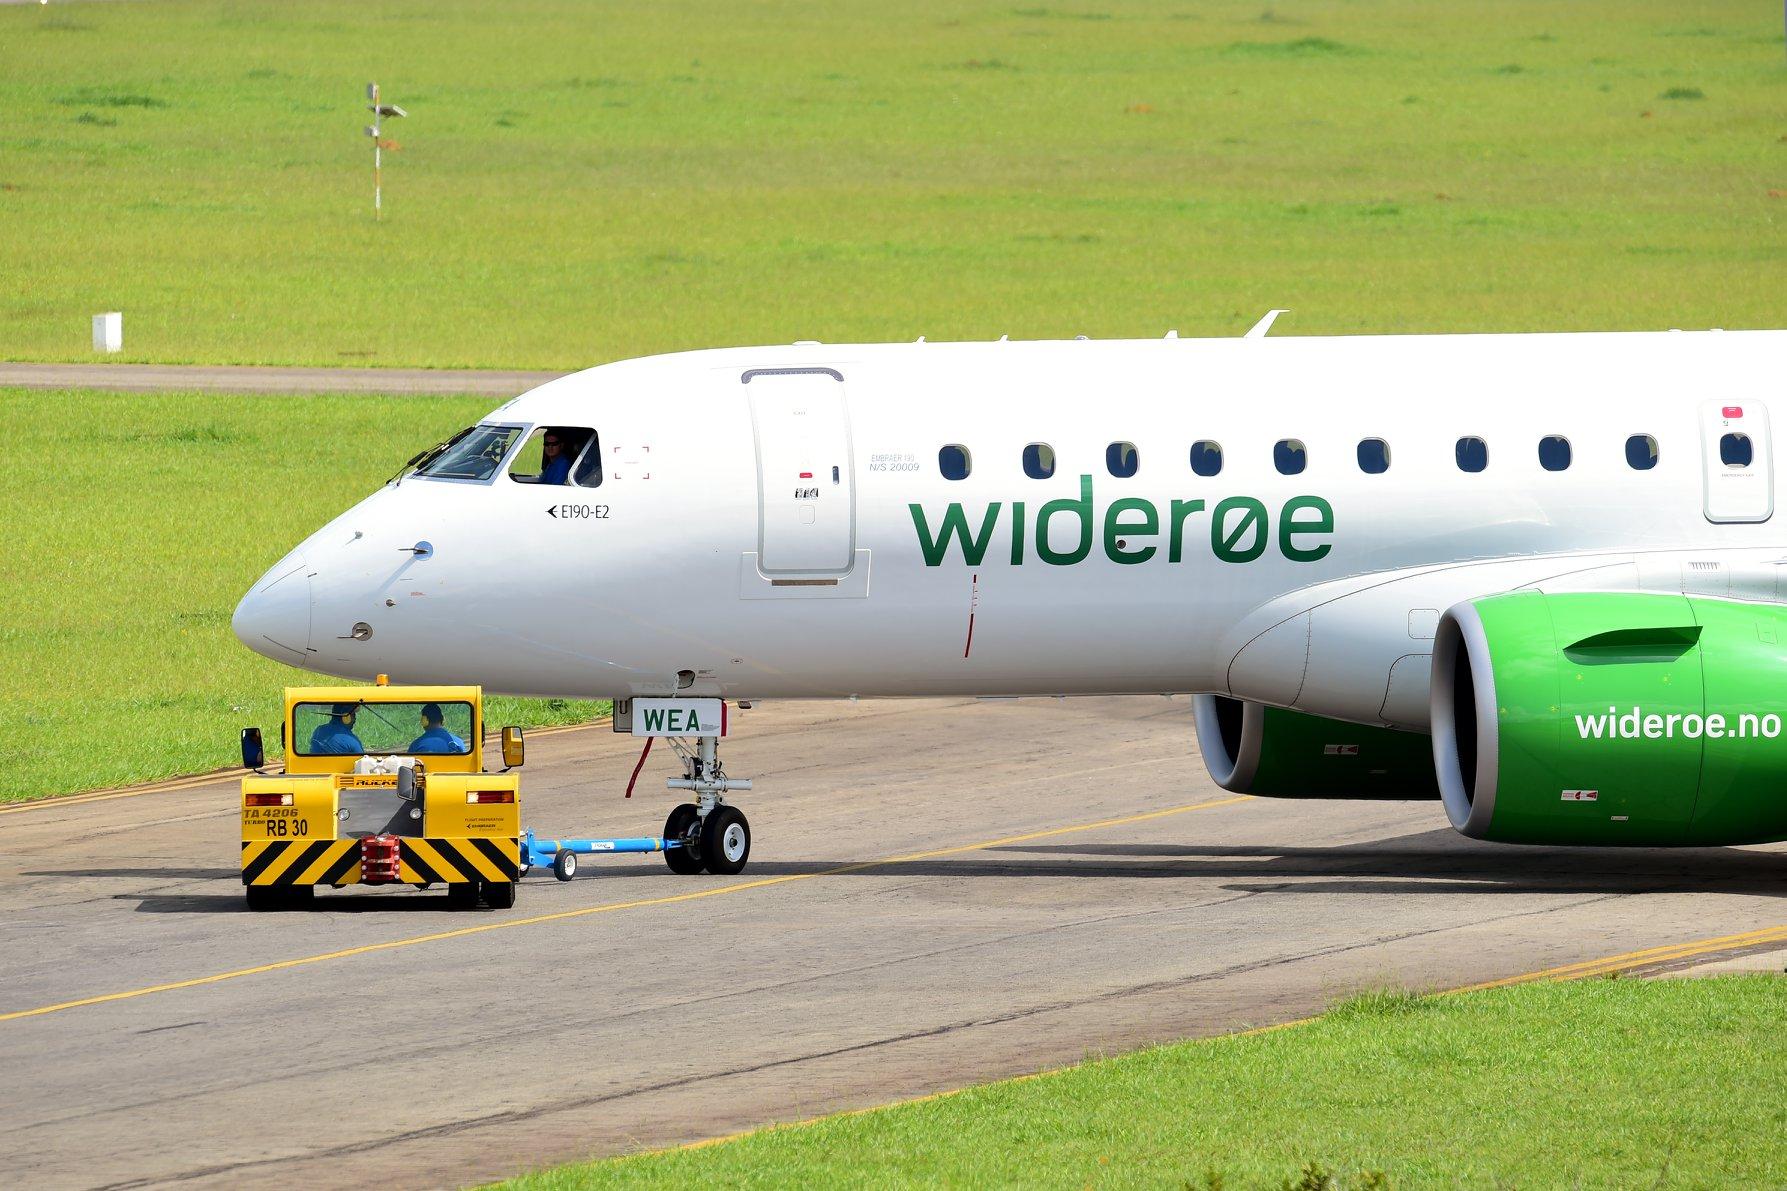 Første Embraer E190-E2 til Widerøe. (Foto: Embraer)